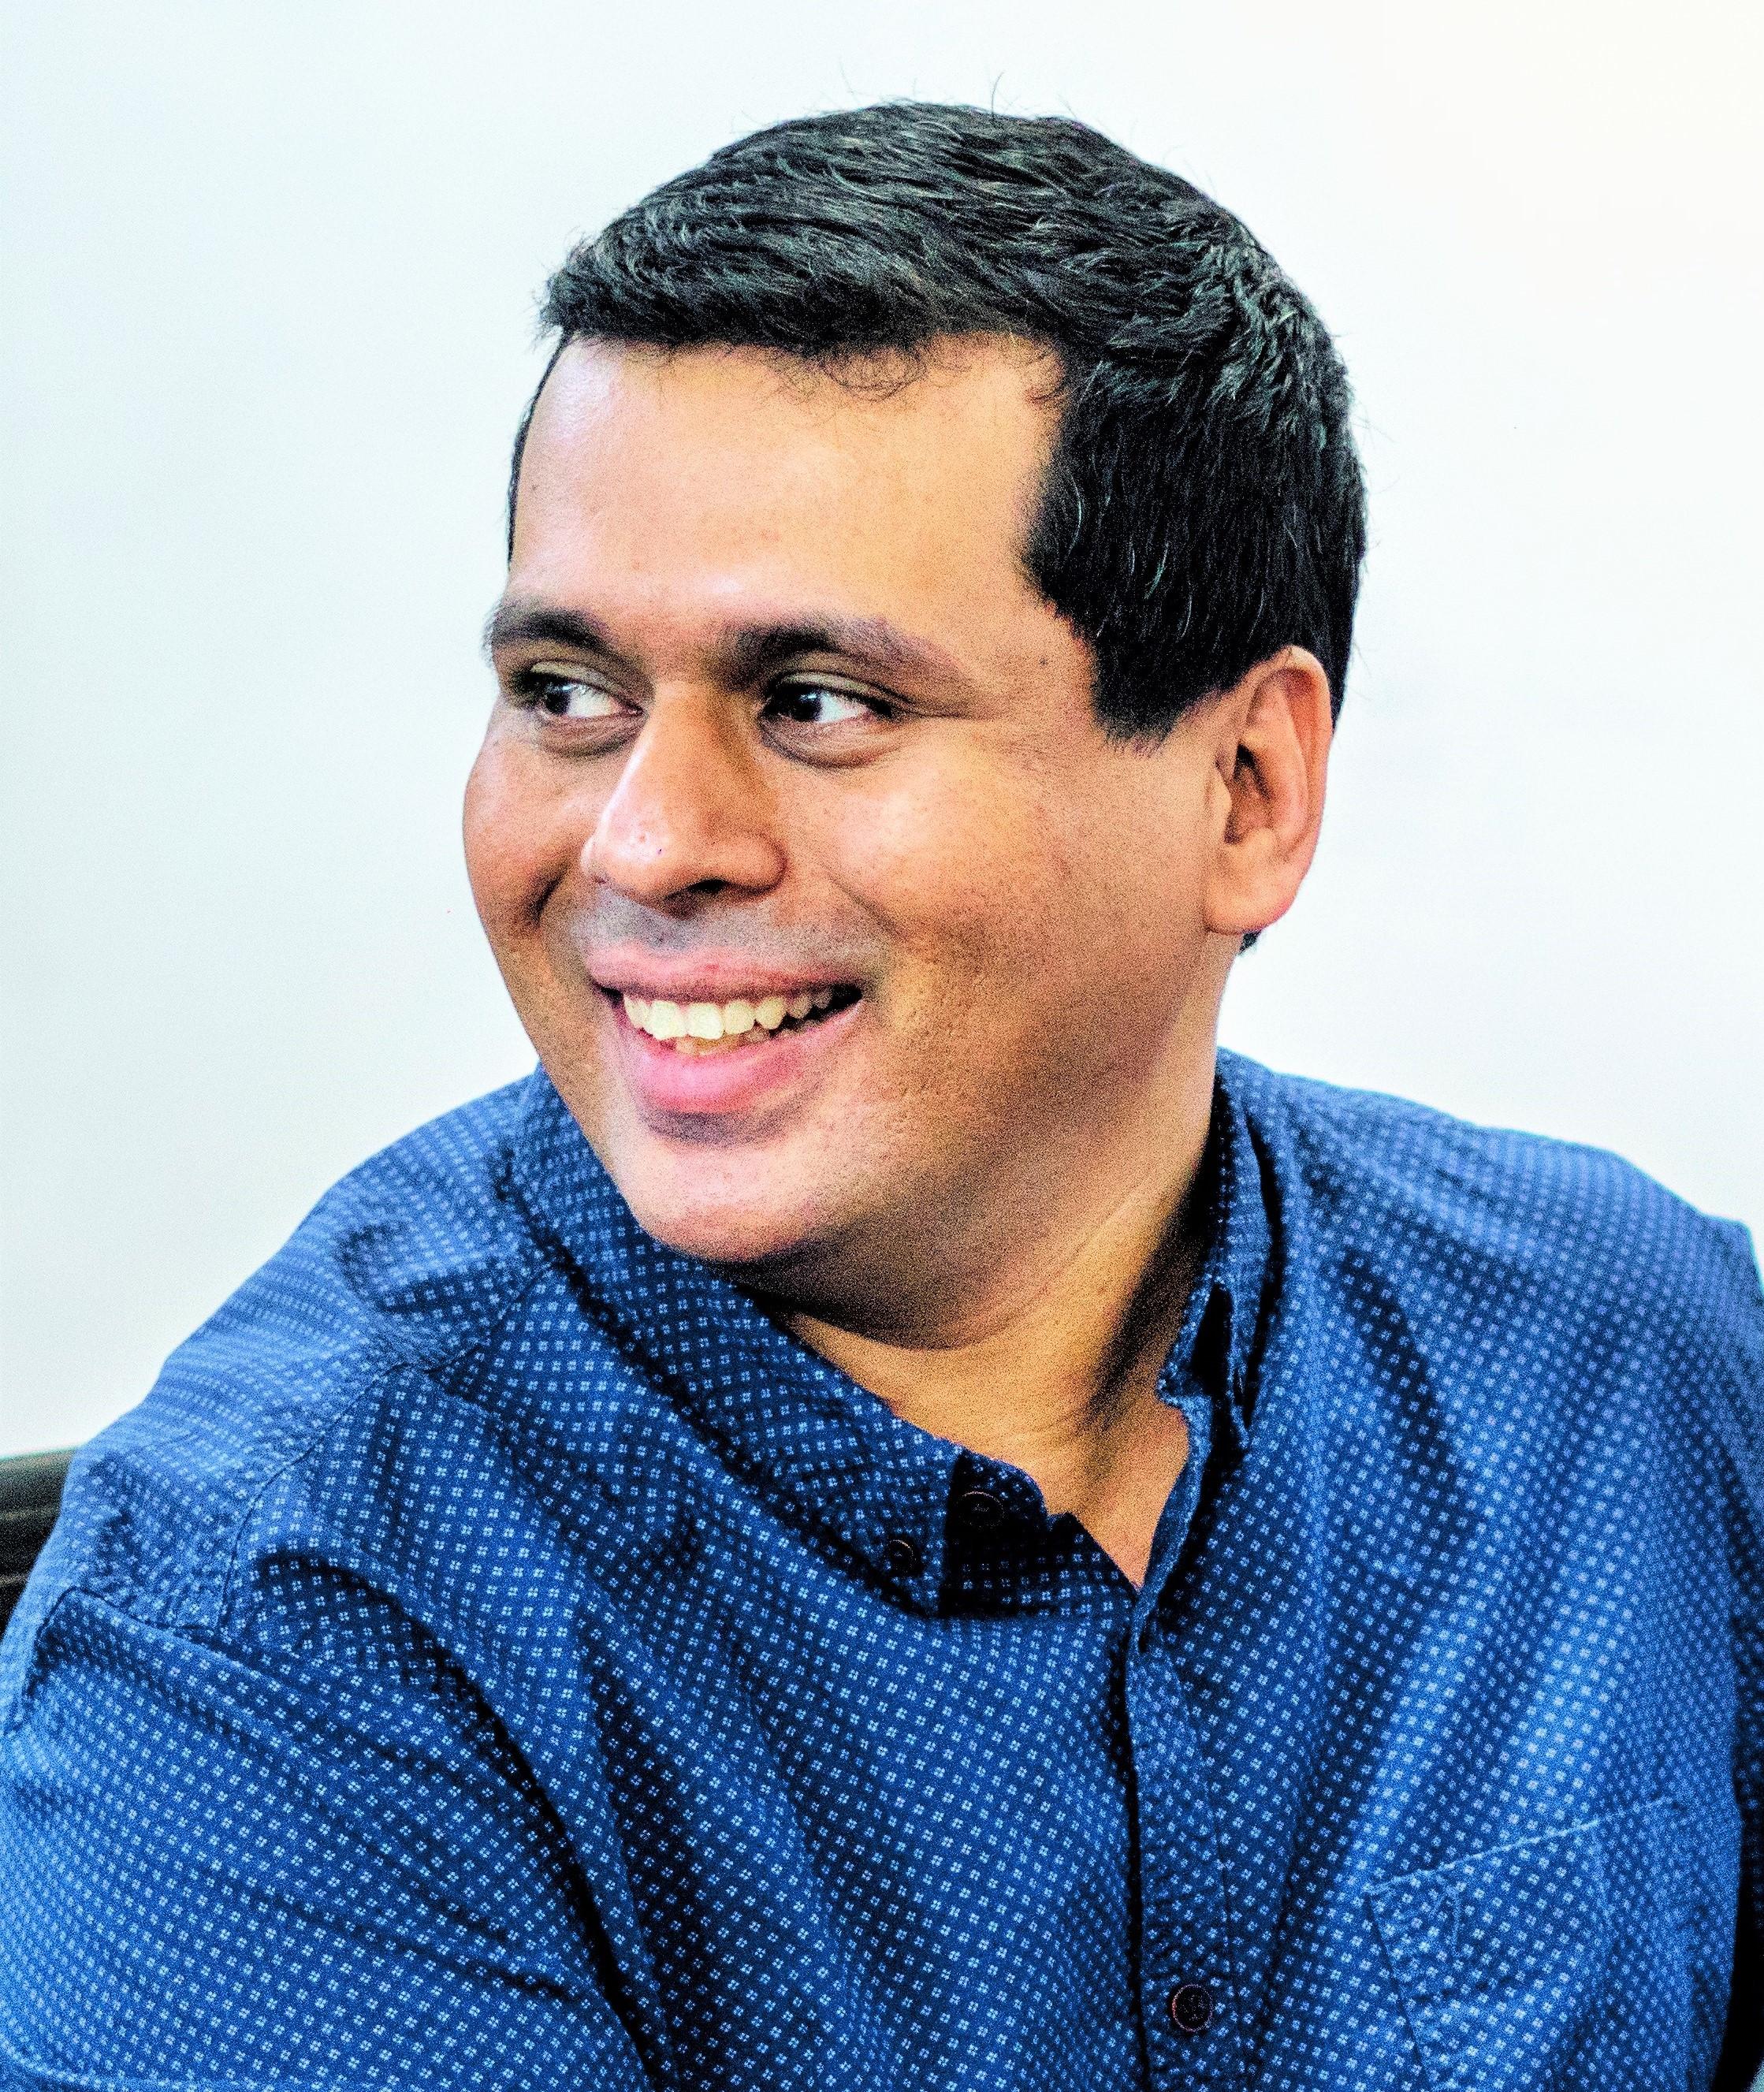 Asif Upadhye